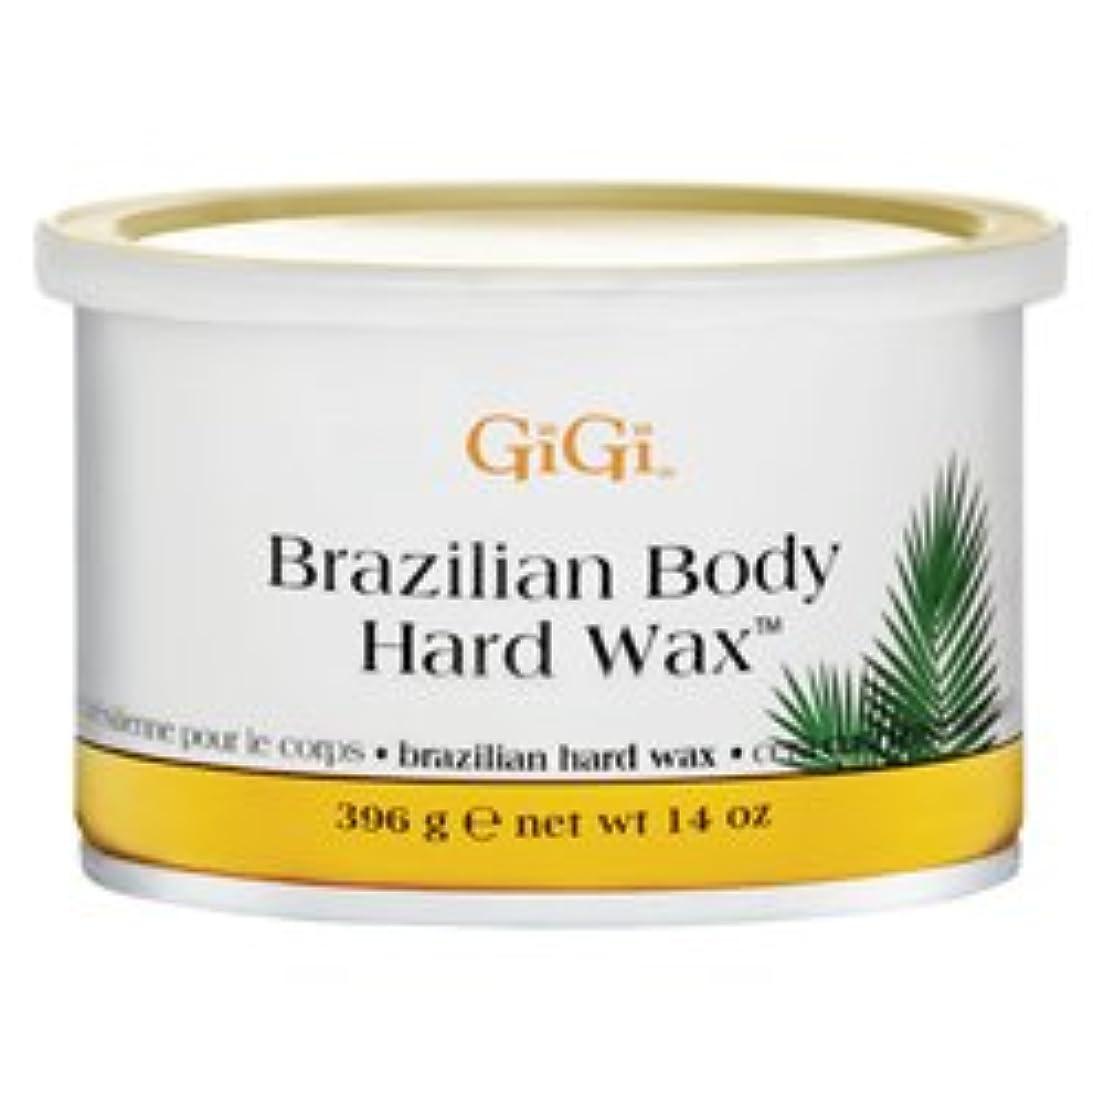 炎上深い伝記ブラジリアンボディハード脱毛ワックス 396g (並行輸入品)